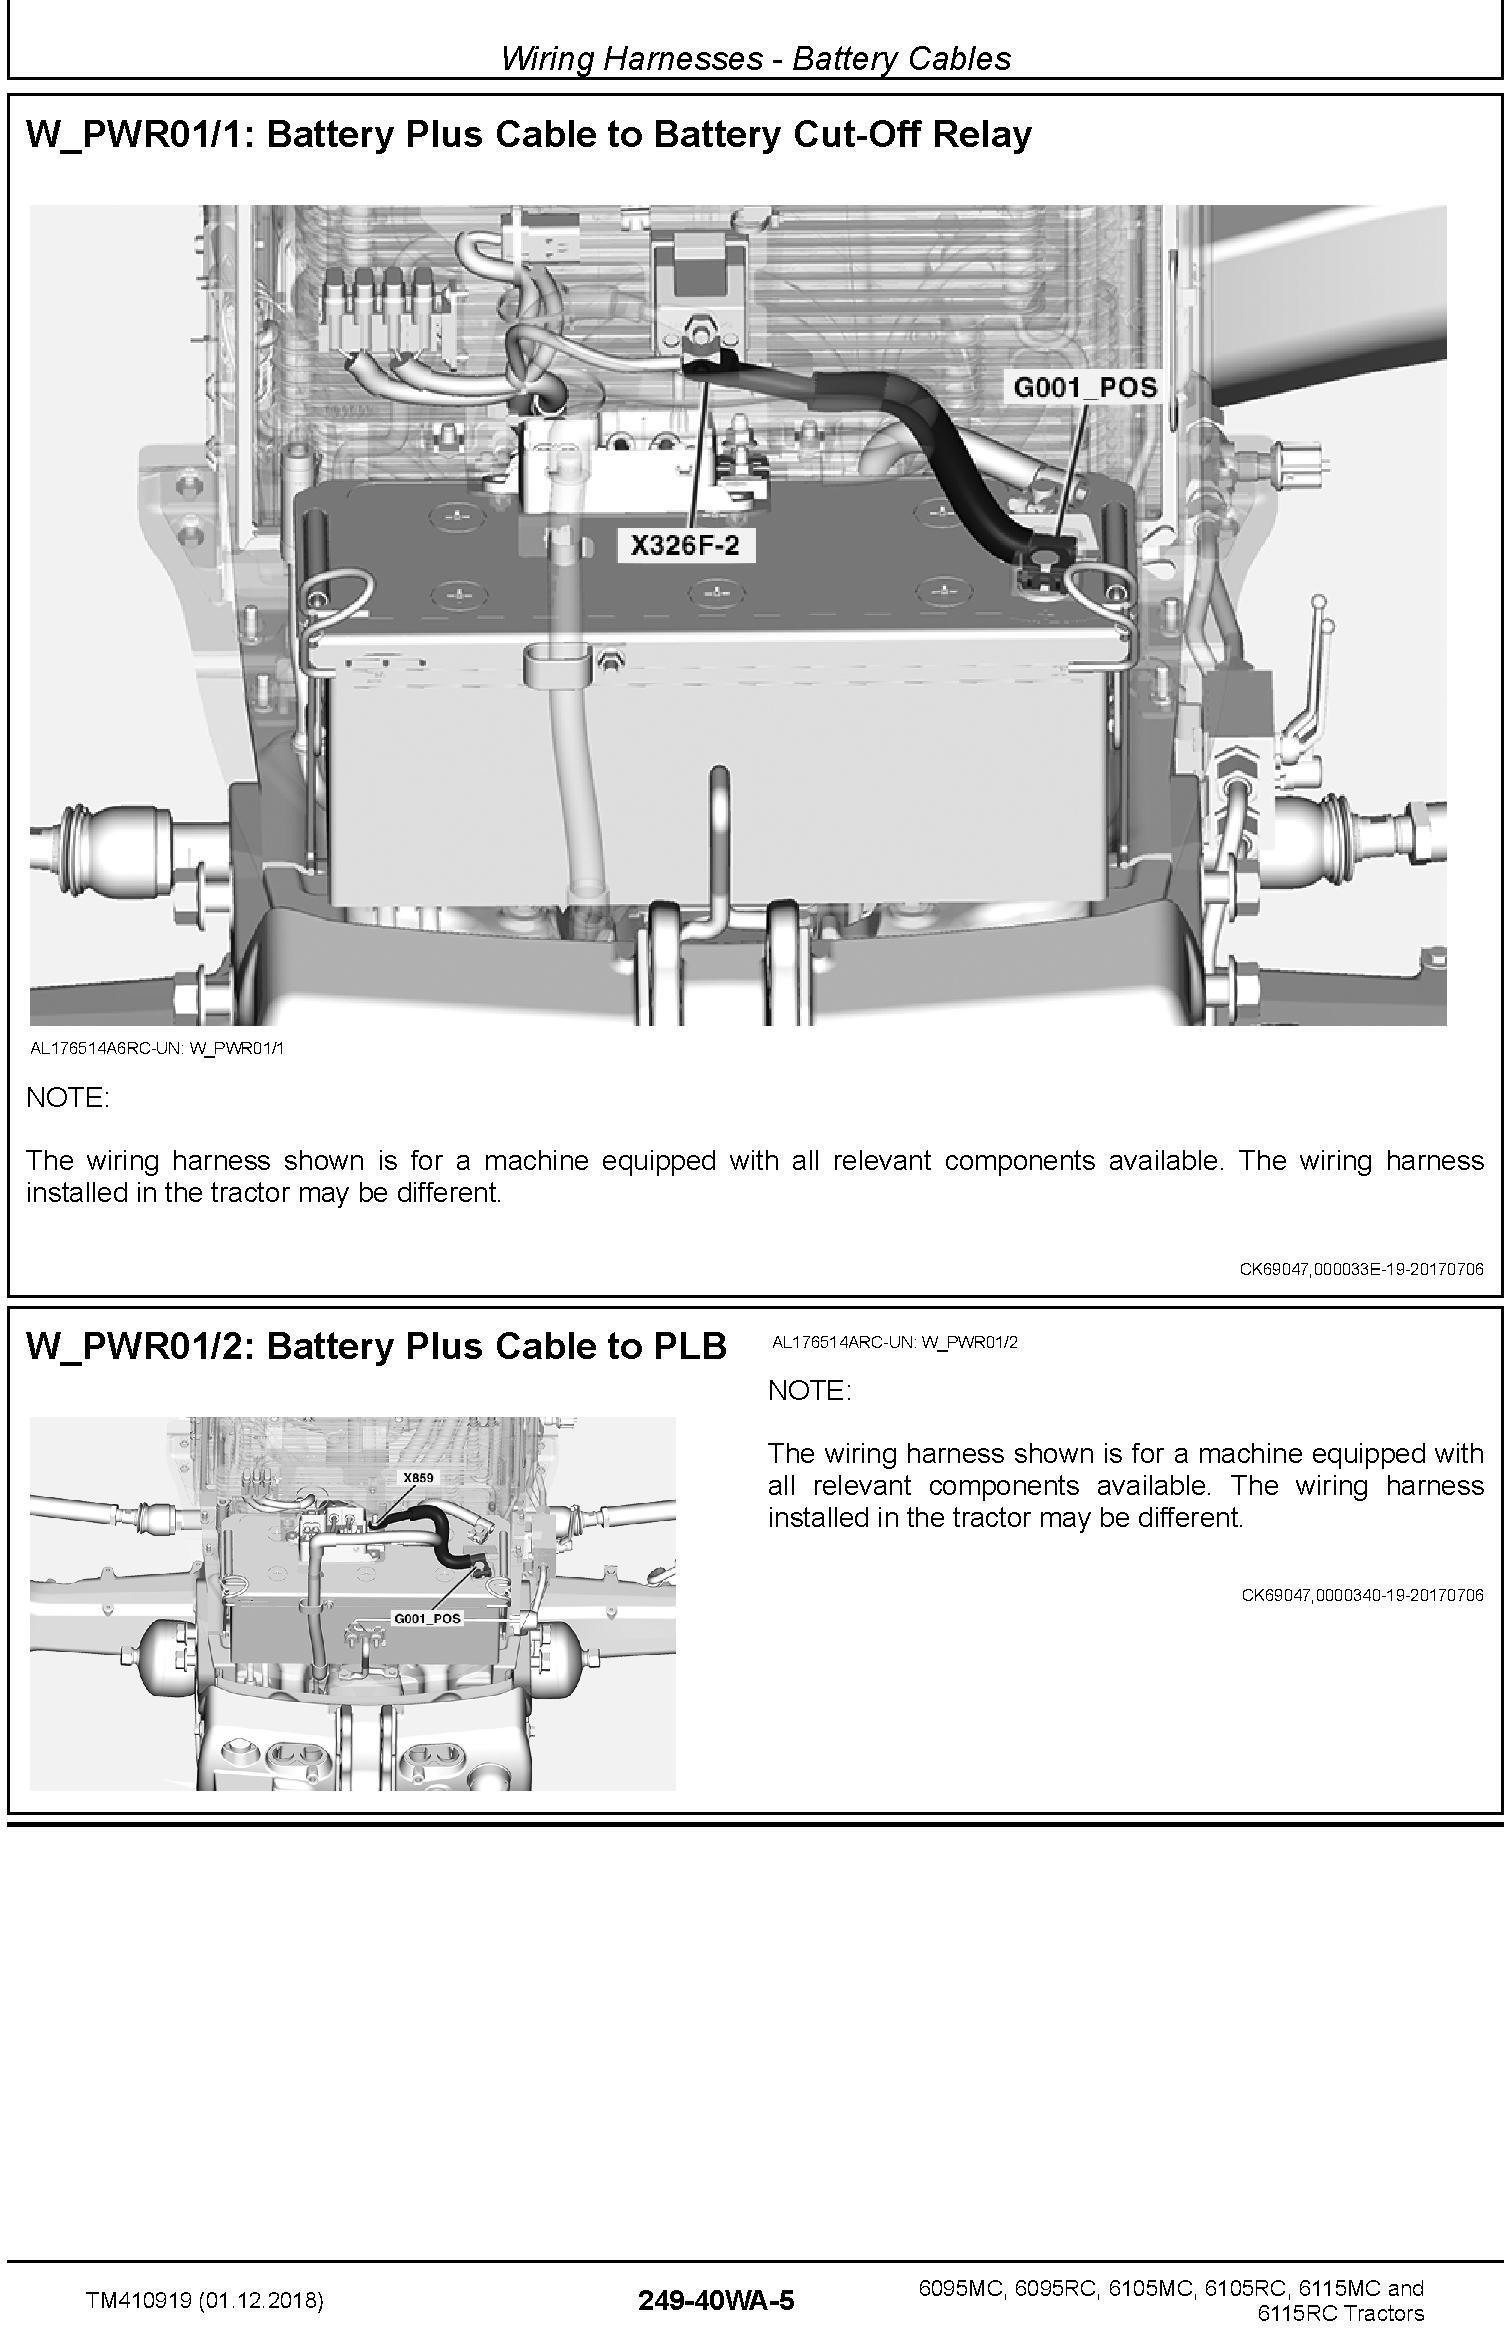 John Deere 6095MC 6095RC 6105MC 6105RC 6115MC 6115RC Tractors Diagnostic Technical Manual (TM410919) - 1